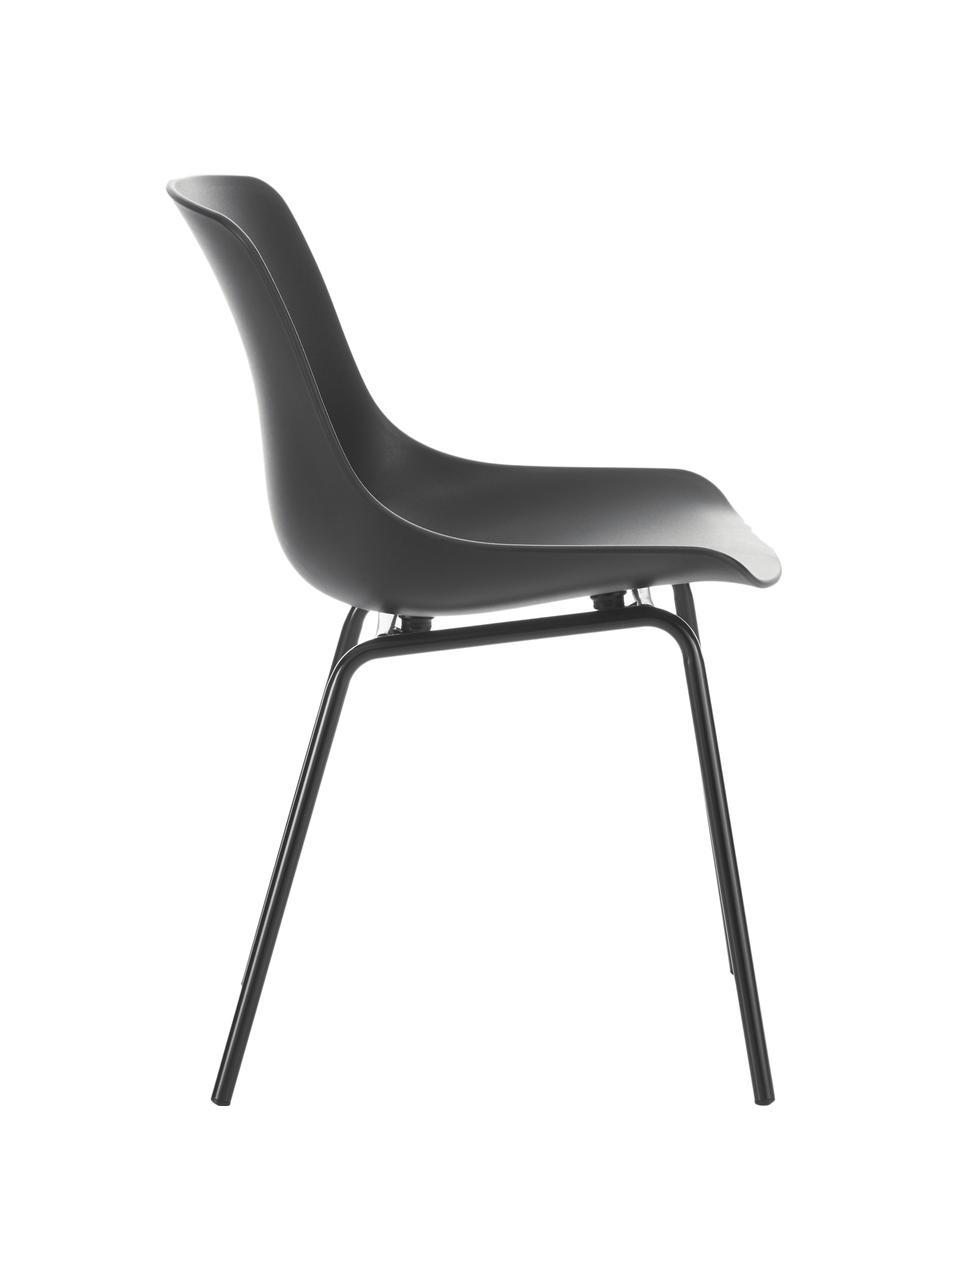 Kunststoffstühle Dave mit Metallbeinen in Schwarz, 2 Stück, Sitzfläche: Kunststoff, Beine: Metall, pulverbeschichtet, Schwarz, B 46 x T 53 cm